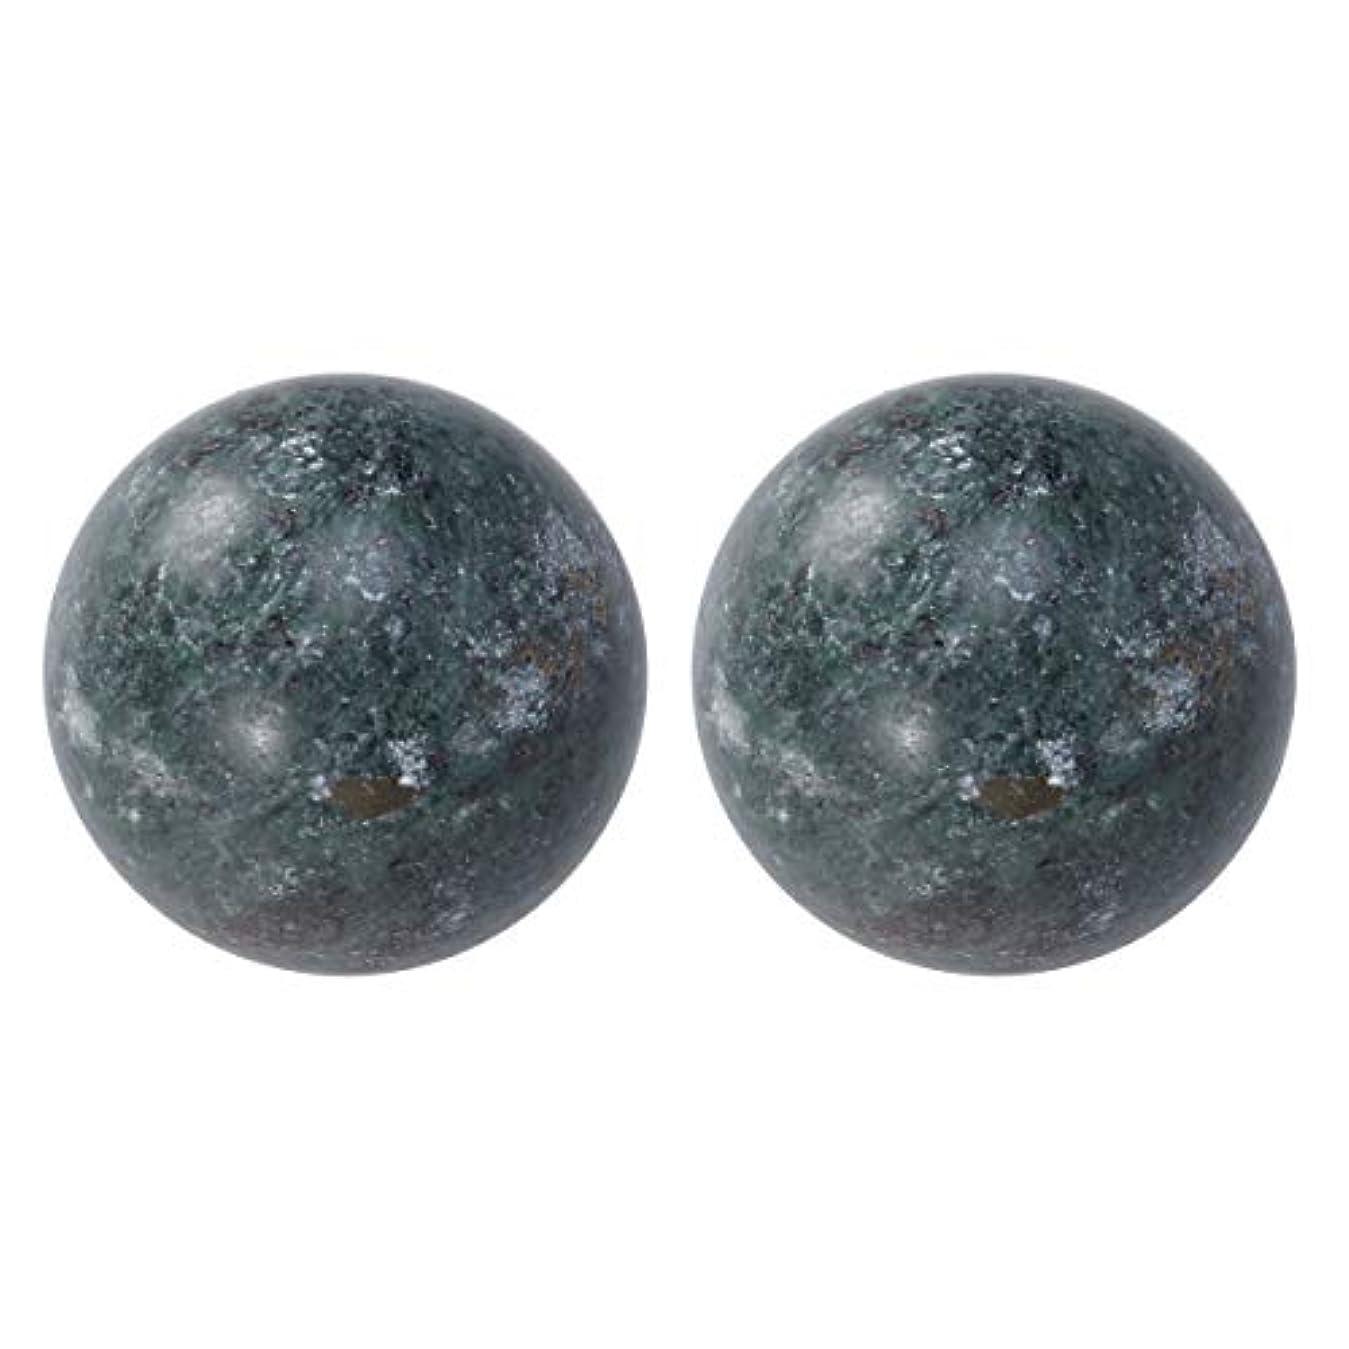 トンワードローブ不愉快にHEALIFTY 2個の自然の翡翠手球ダークグレー中国の健康運動ボーイングボール老人のためのストレスリリーフ(黒)